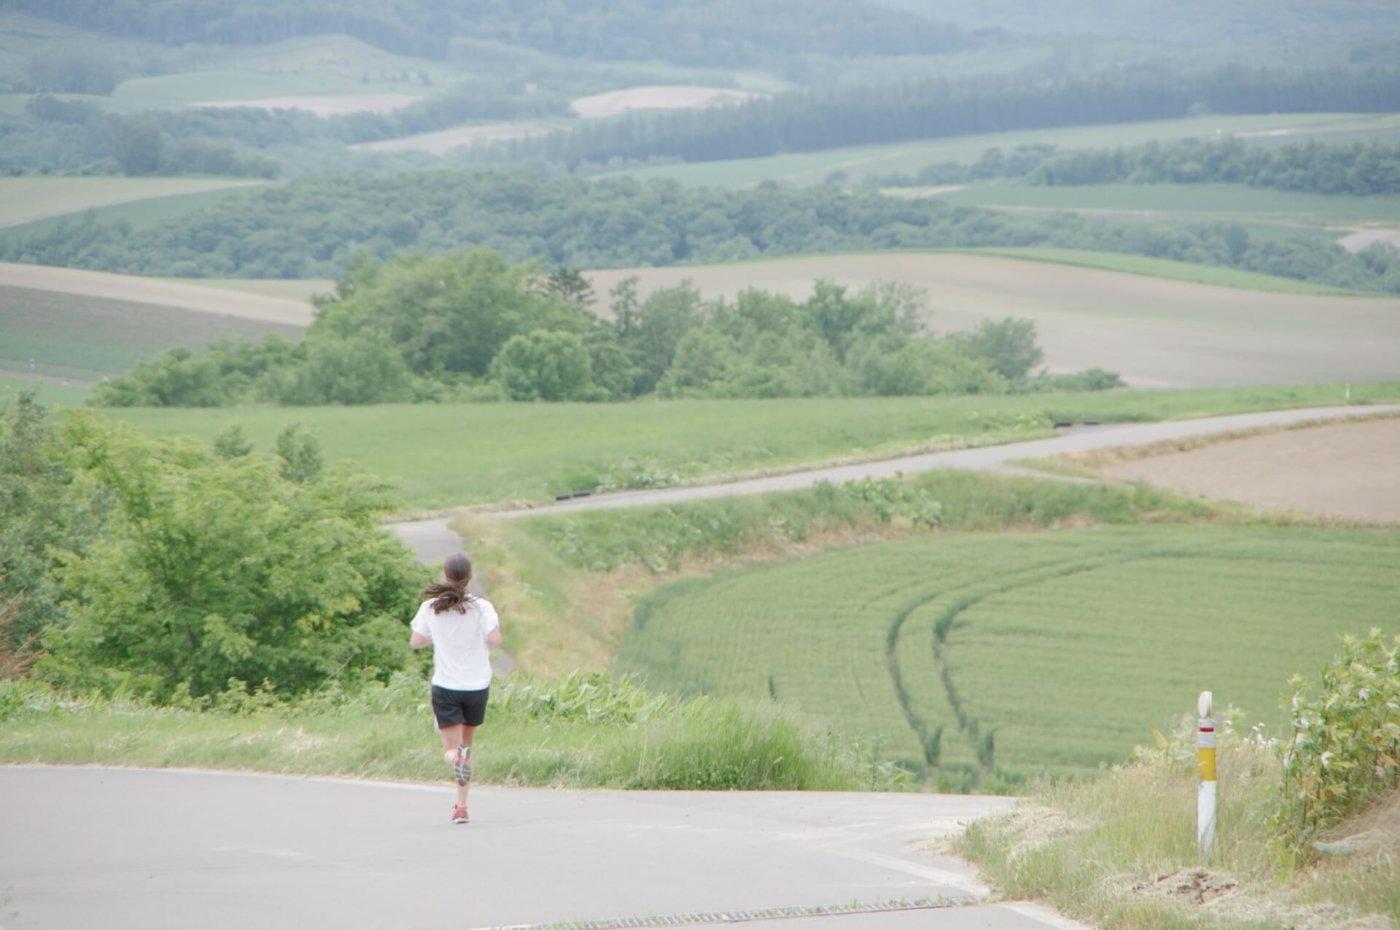 ランニングってどれくらいの距離を走ればいいの?